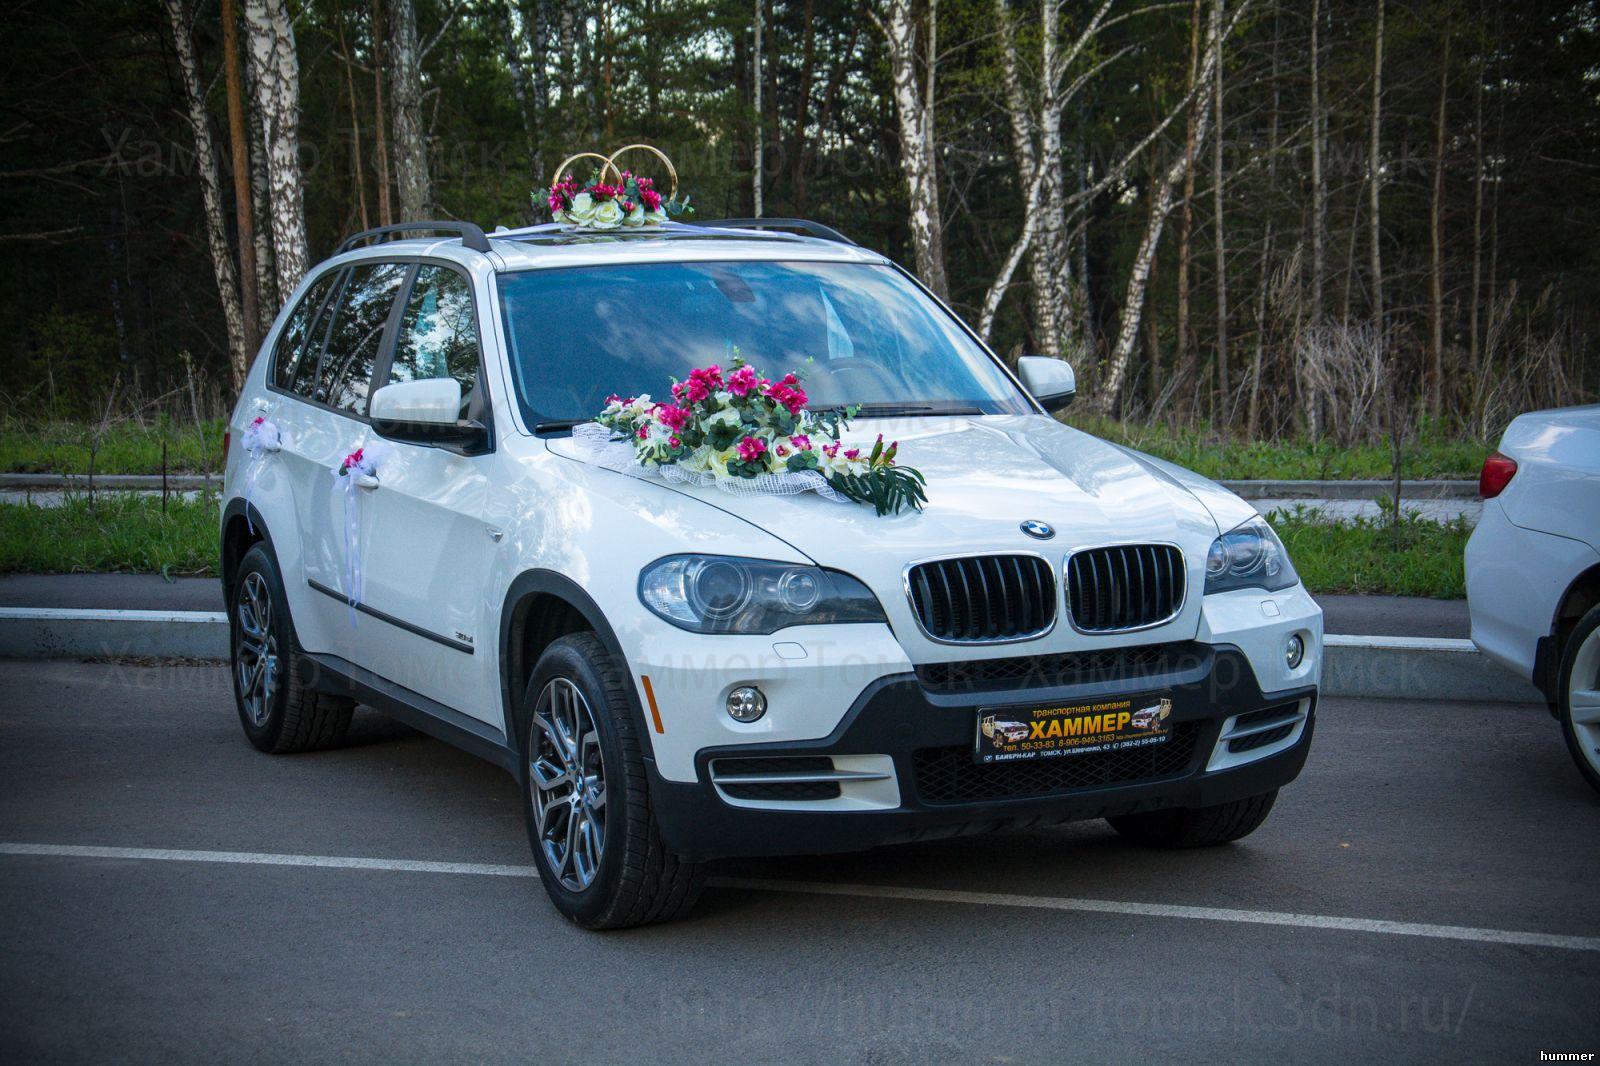 Свадьба на бмв фото